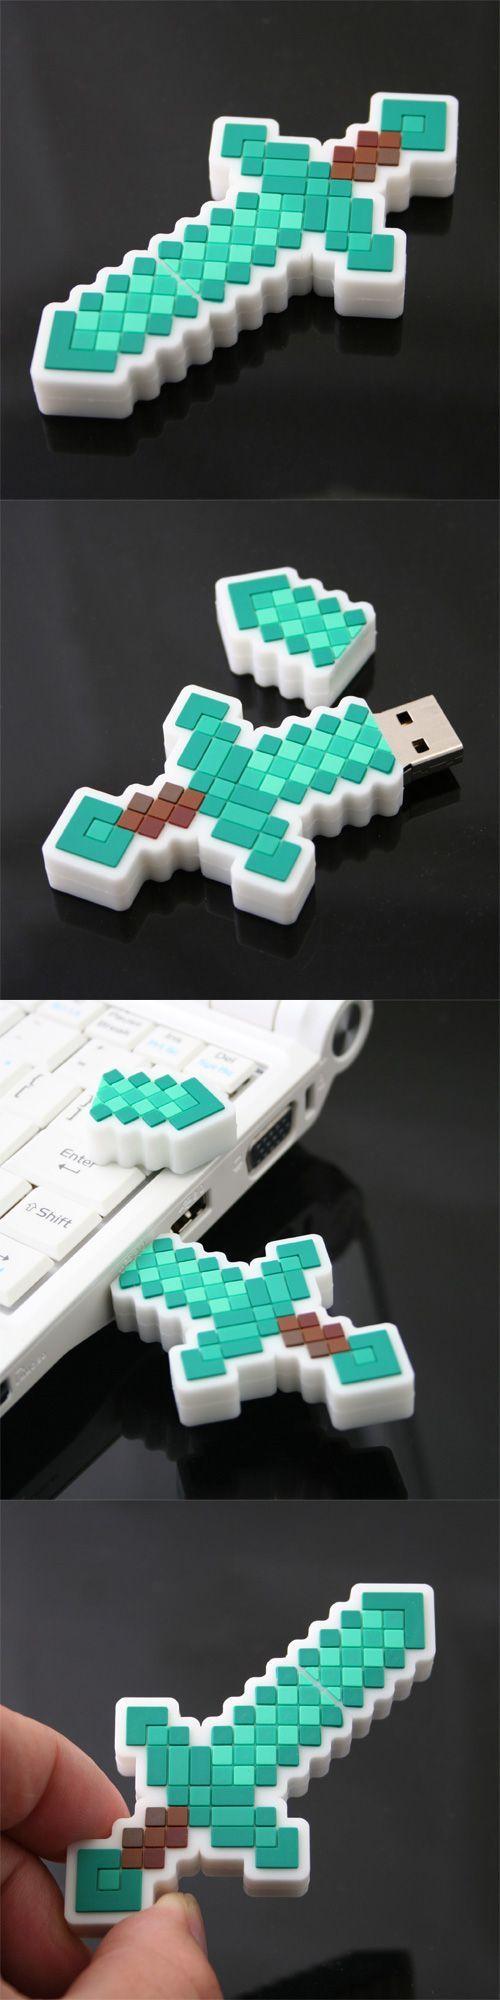 #Minecraft Diamond Sword #USB http://www.usbgeek.com/products/minecraft-diamond-sword-usb-flash-drive